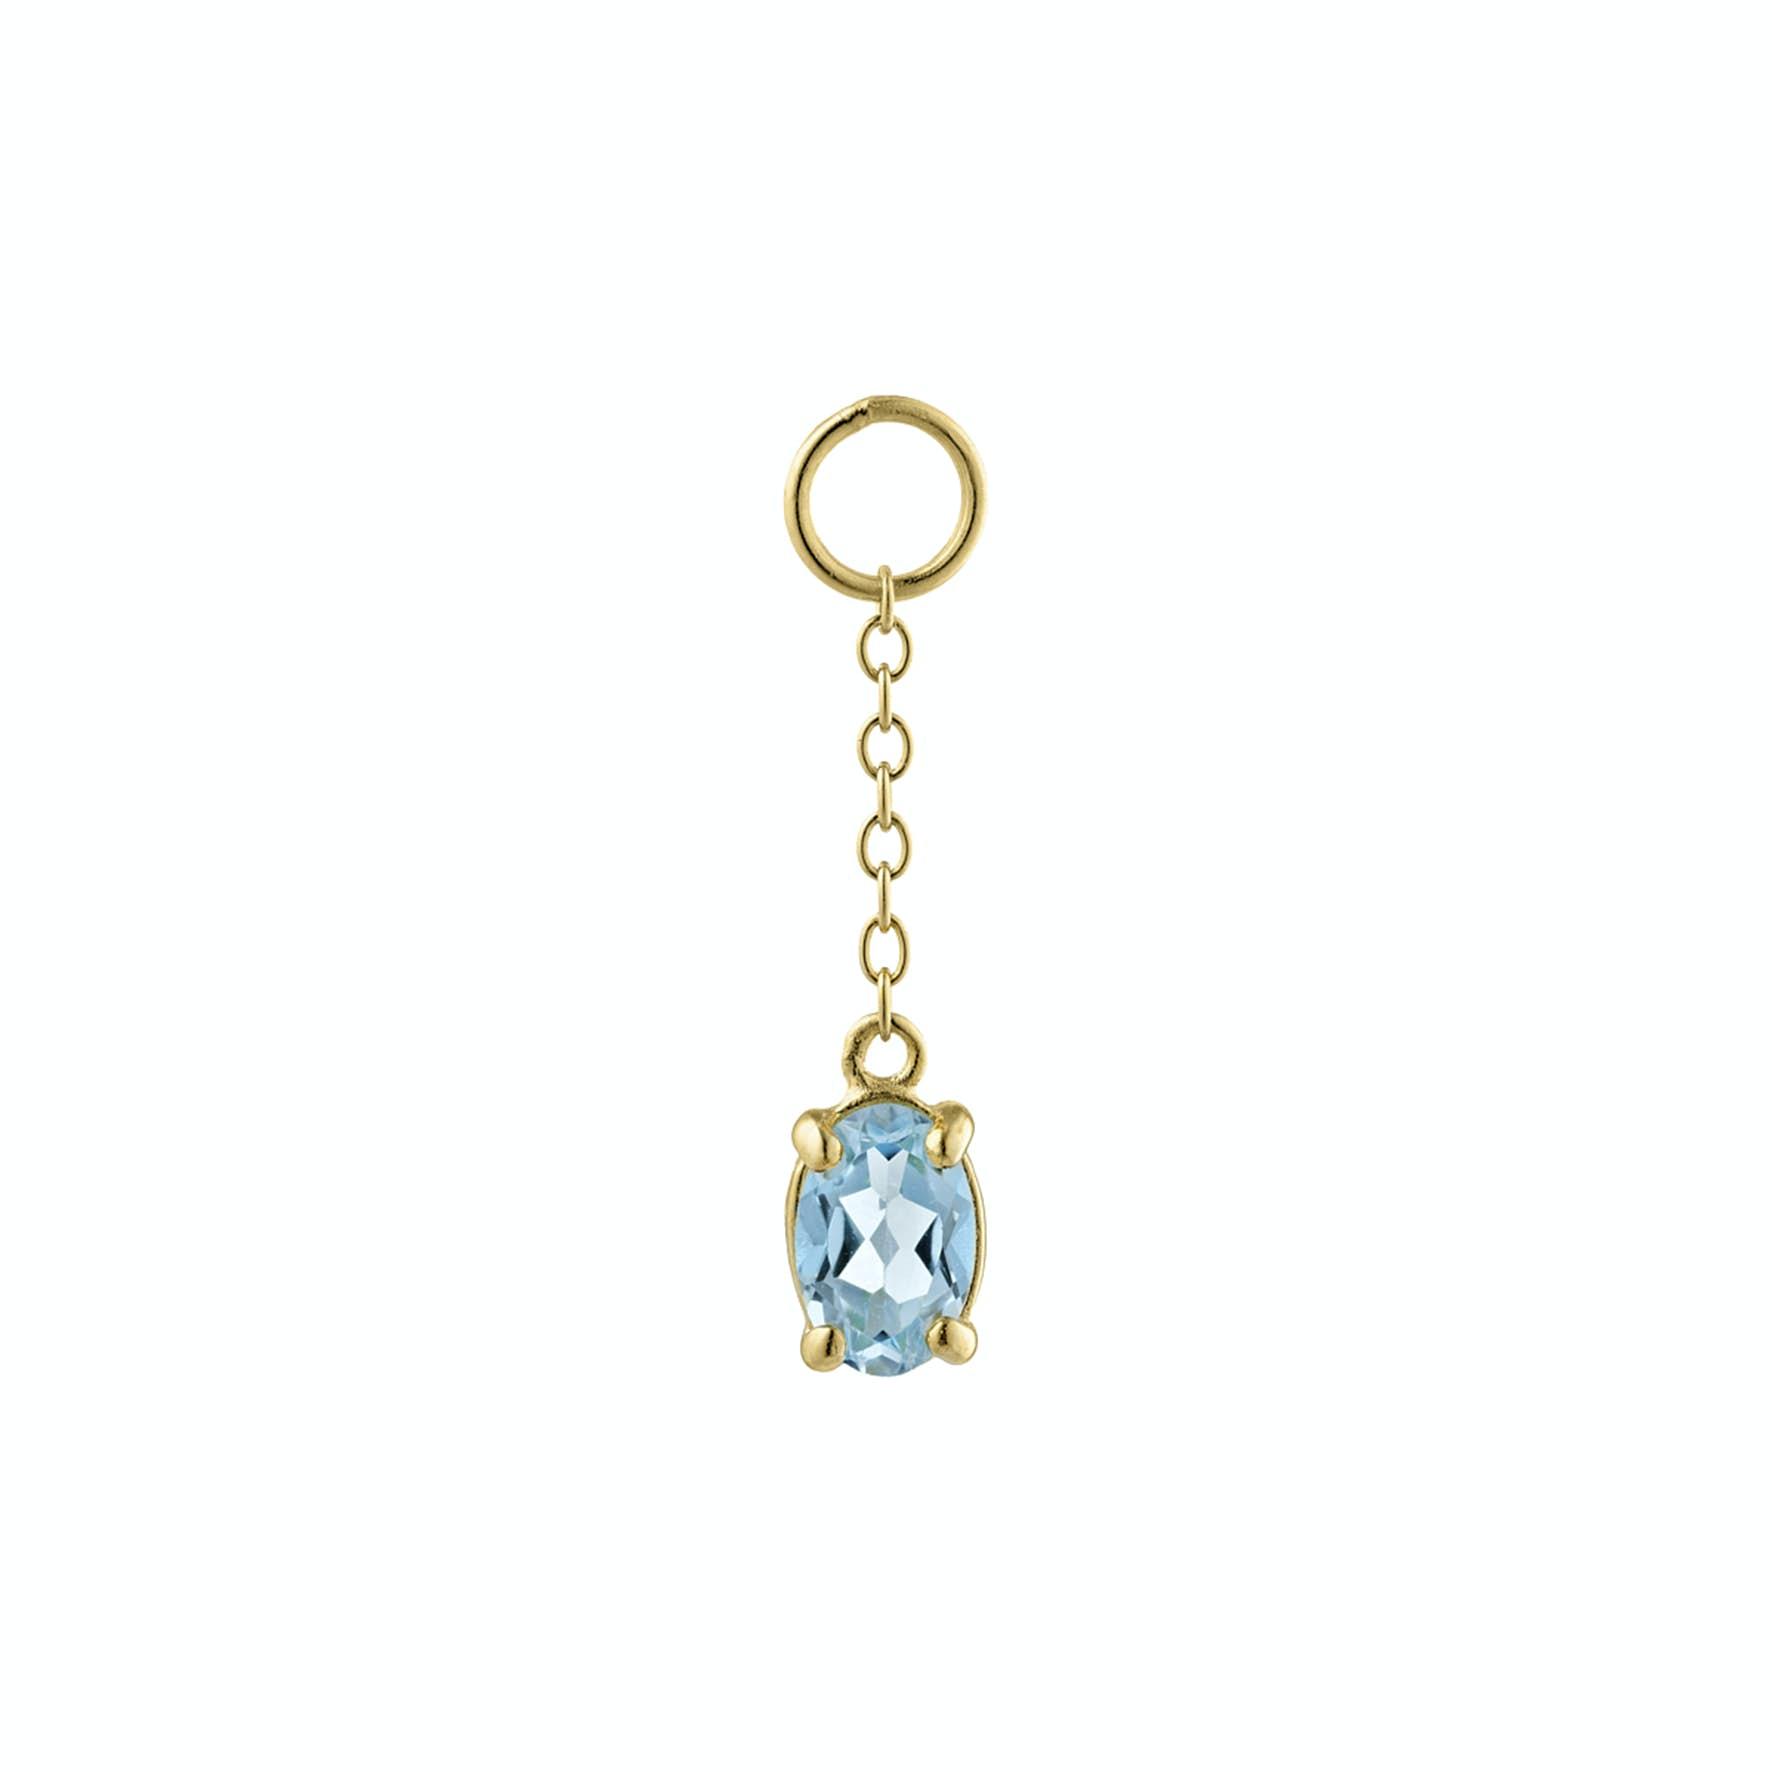 Gem Candy Pendant Aqua Long från Carré i Förgyllt-Silver Sterling 925